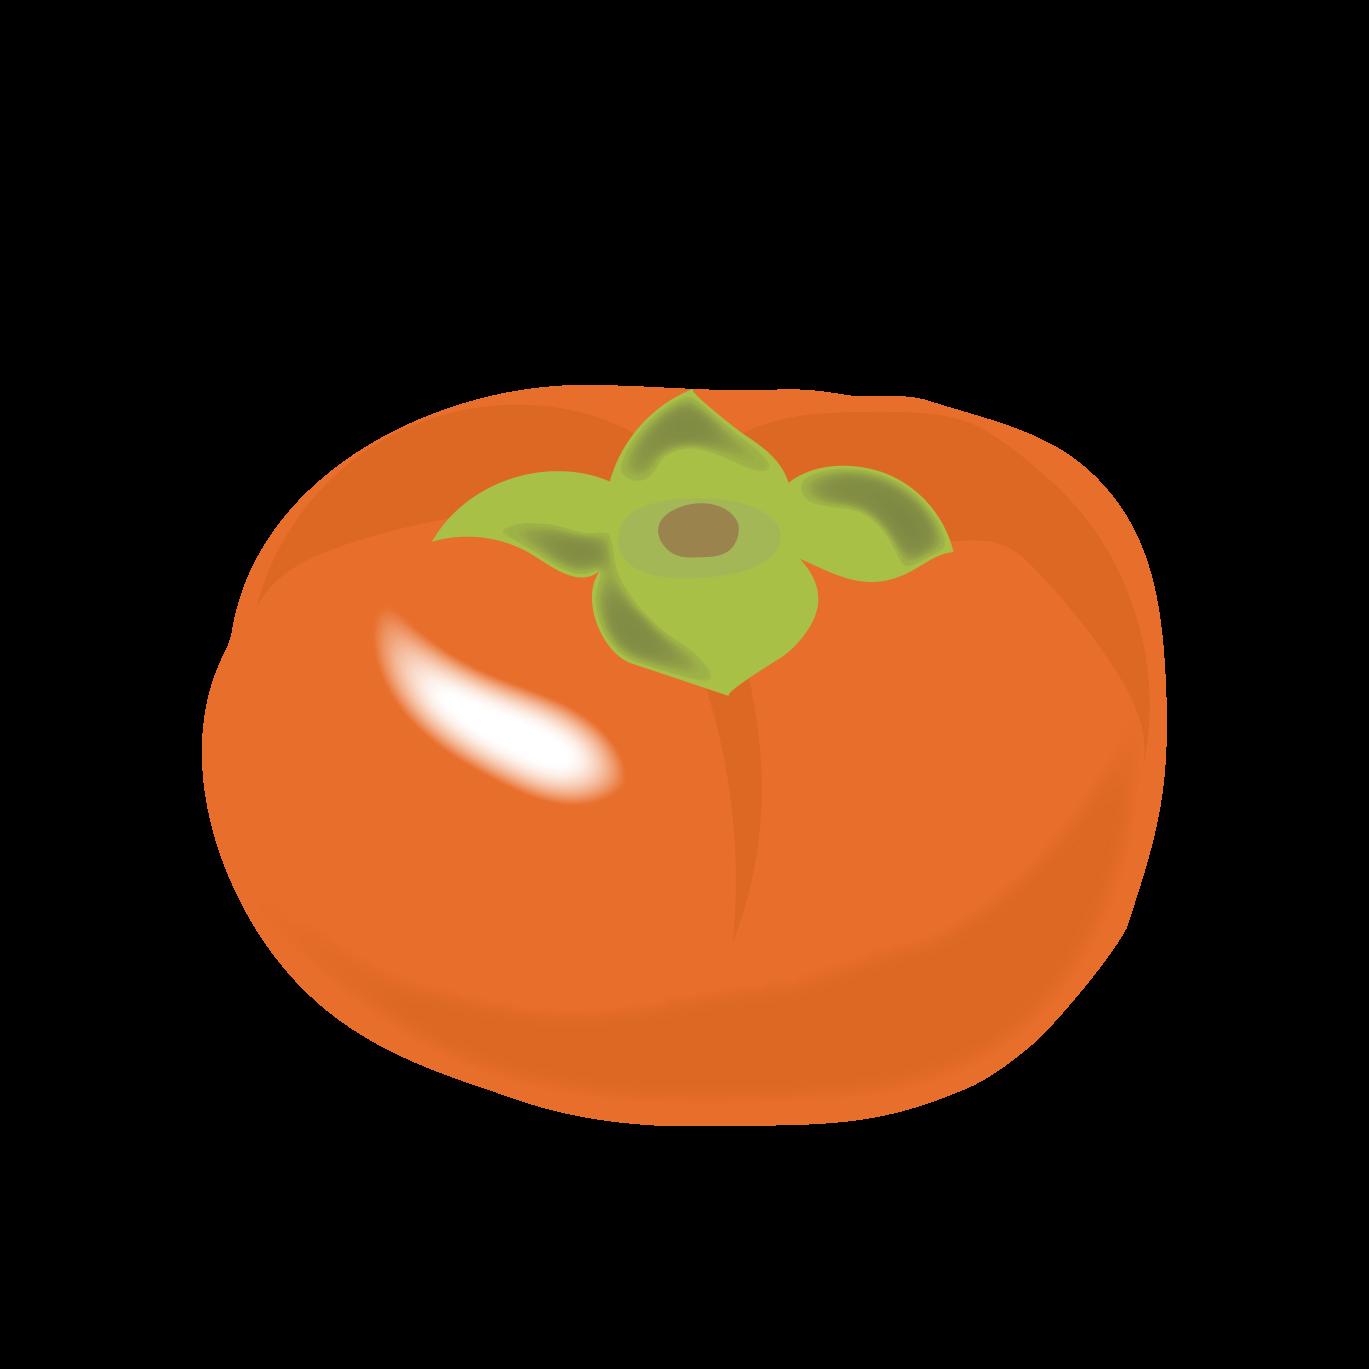 柿カキの イラストフルーツ果物 商用フリー無料のイラスト